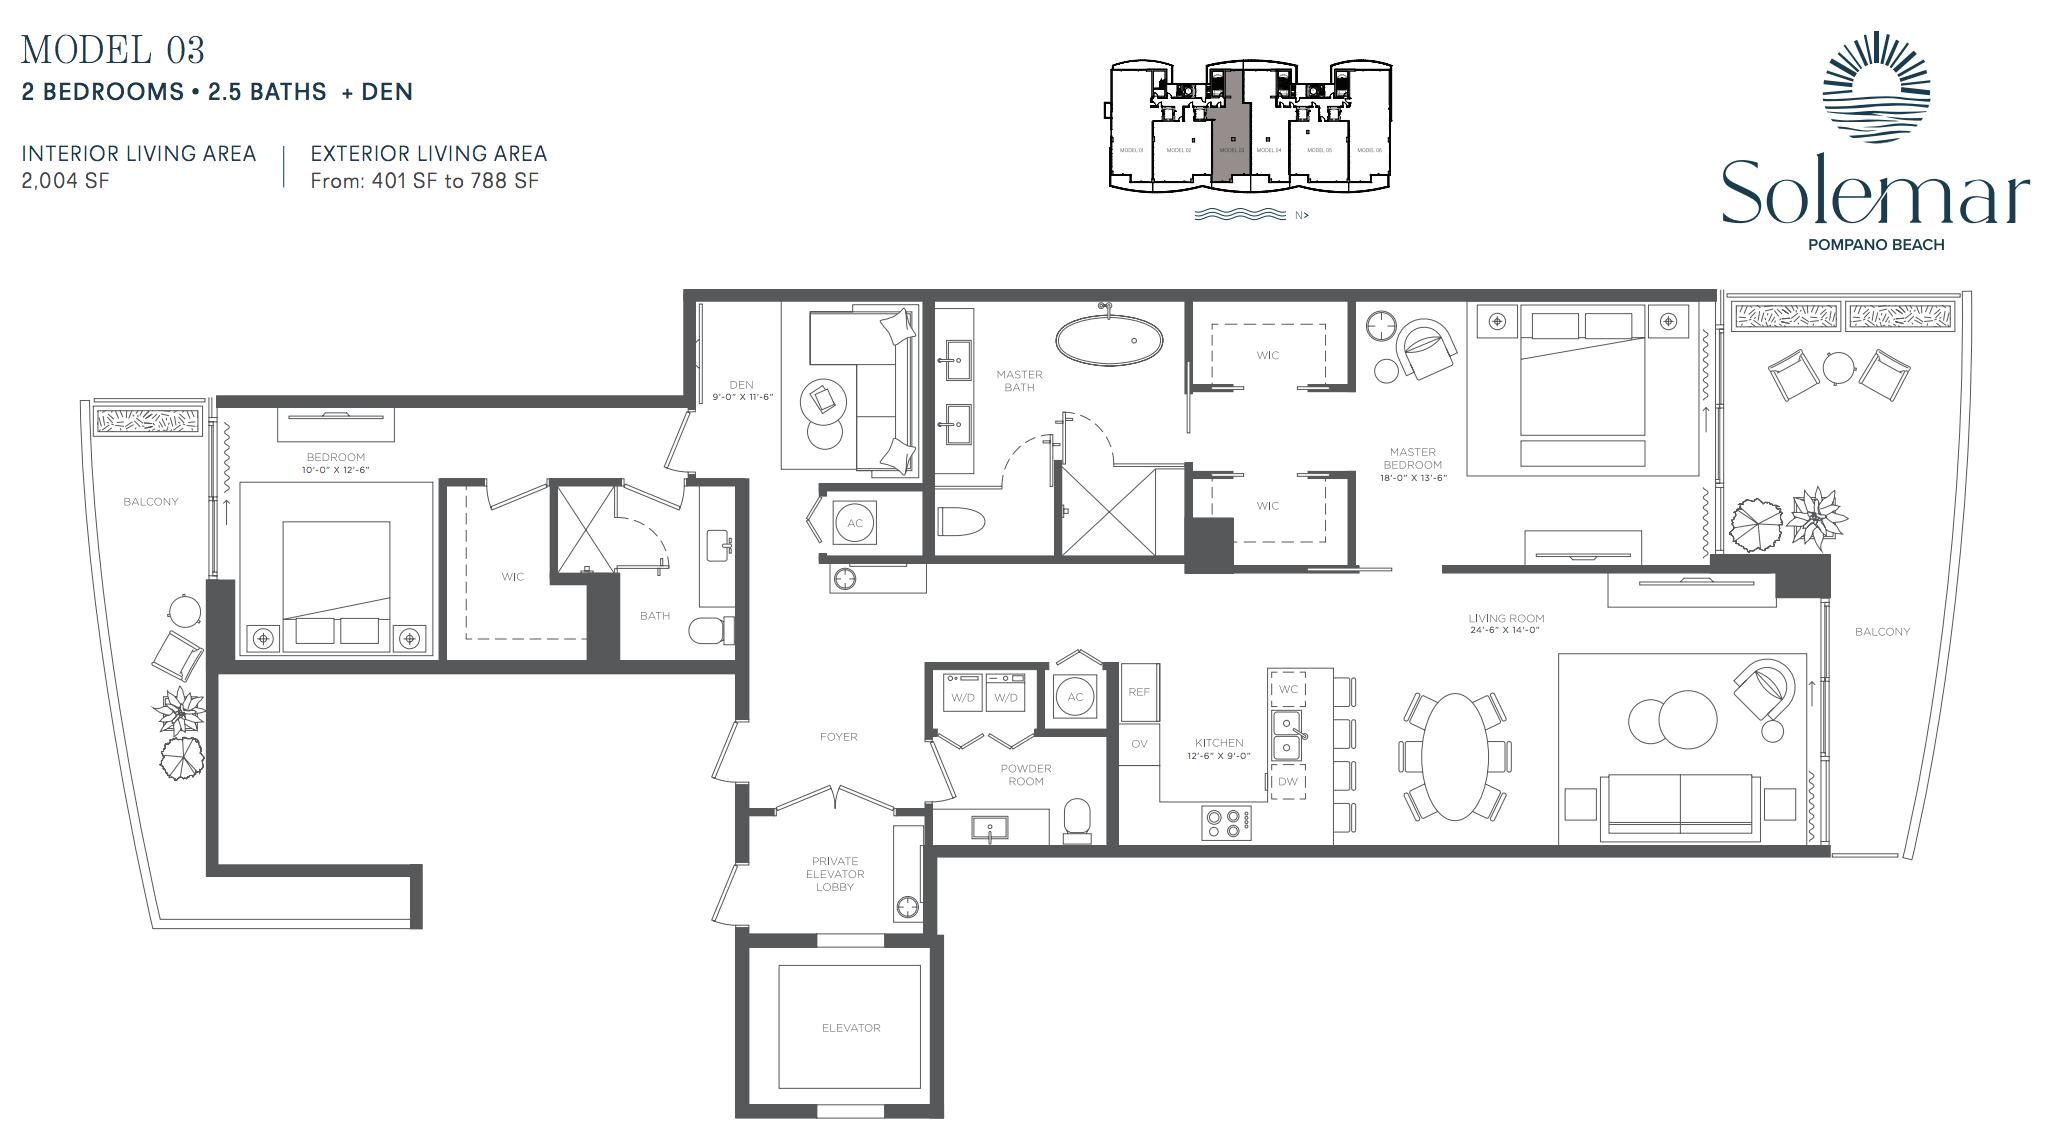 Solemar | Floor Plan 03 | 2 Be + Den | 2,5 Ba